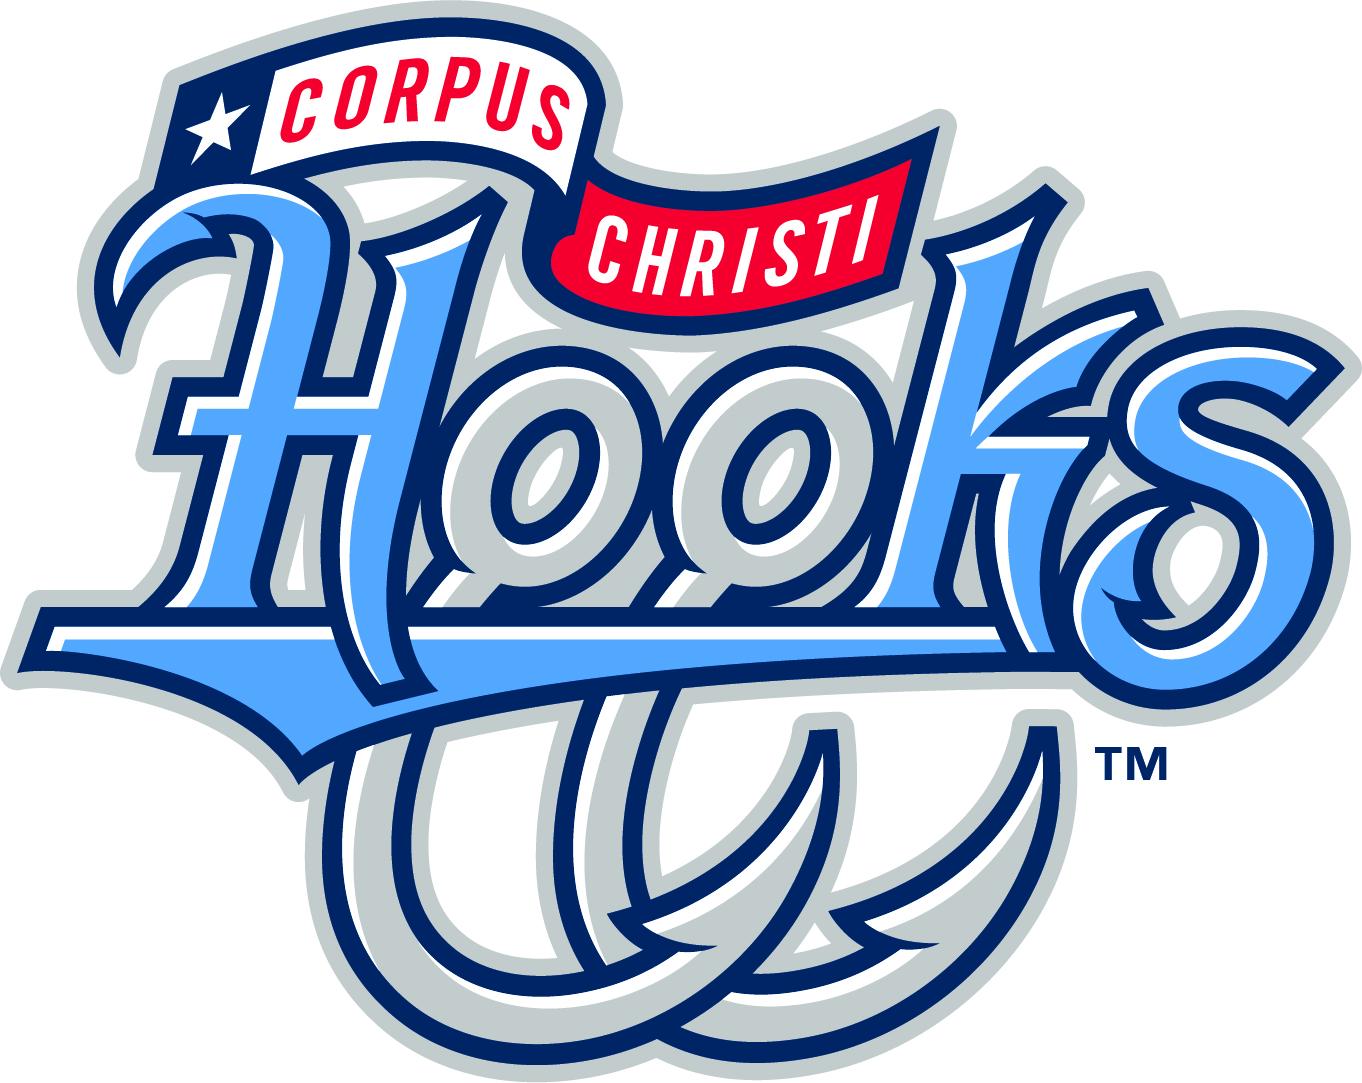 Corpus_Christi_Hooks-Color